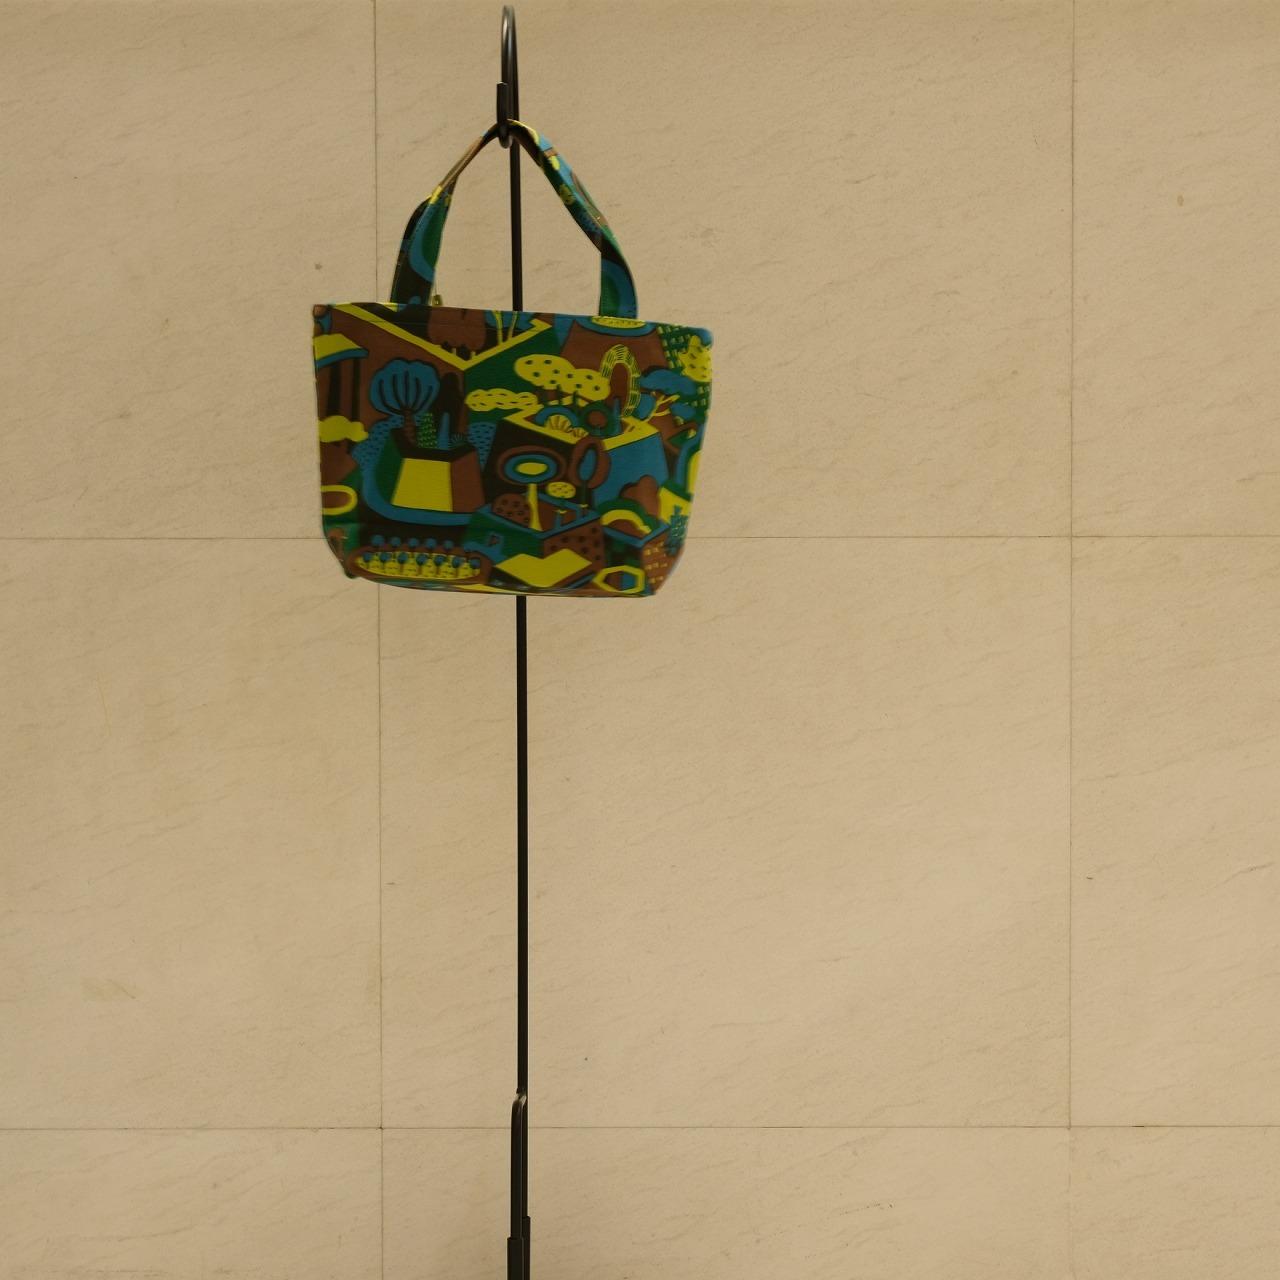 炭酸デザイン室 オンライン展示会 ランチトートバッグ_d0182409_17391352.jpg